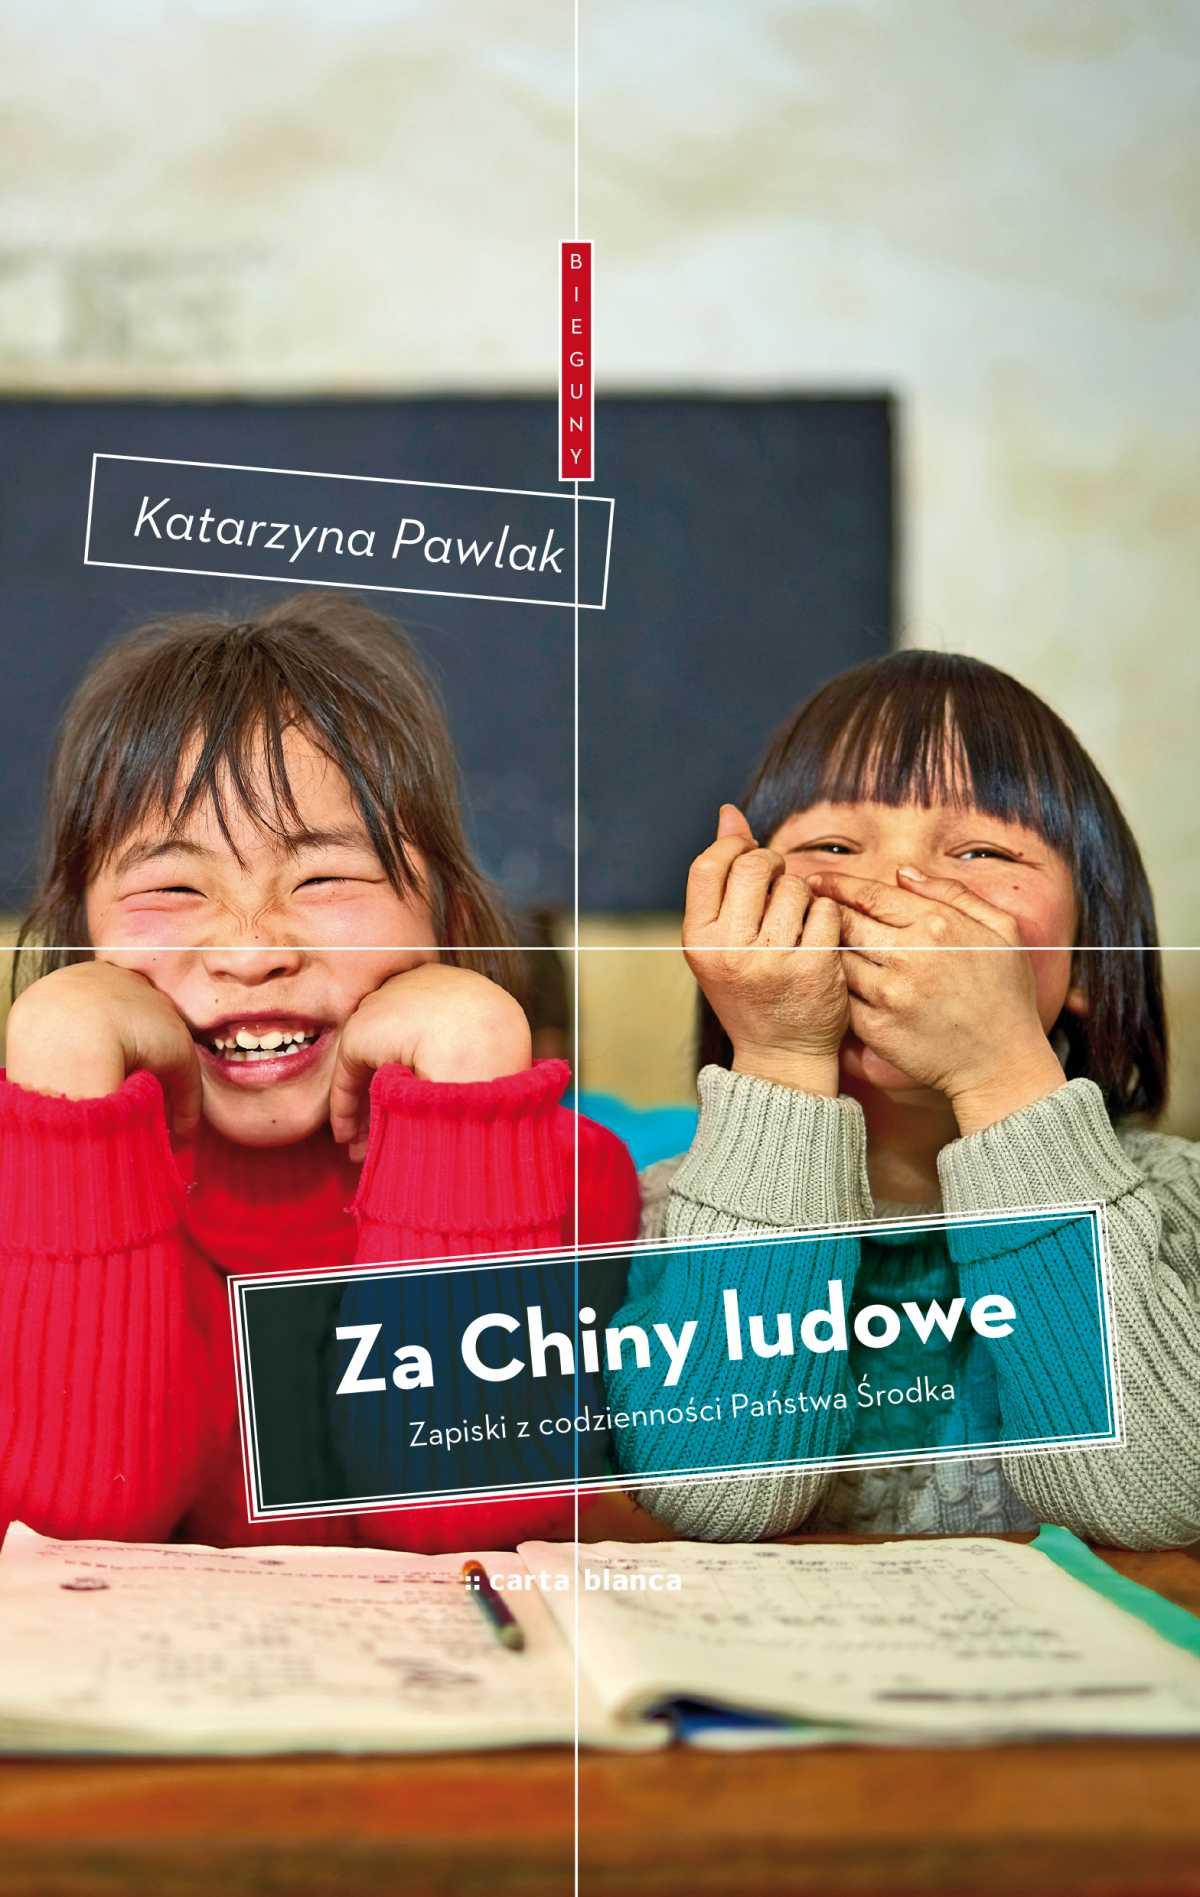 Za Chiny ludowe - Ebook (Książka EPUB) do pobrania w formacie EPUB